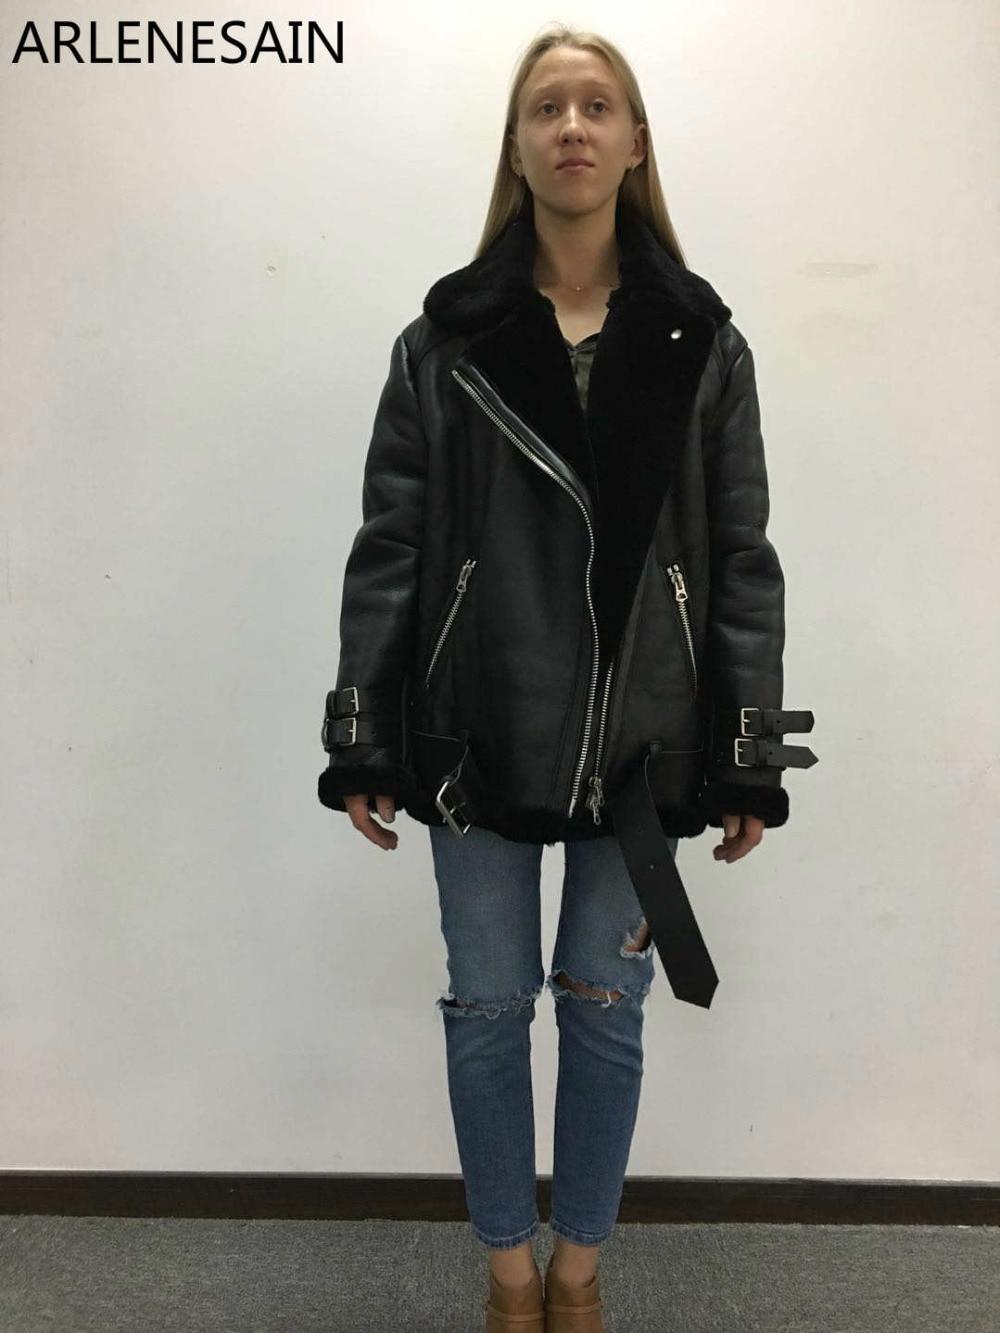 Nouveau Femmes Noir Mouton En Personnalisé Mode De Veste Peau Importé 2018 Arlenesain Fourrure qEHvxCwE